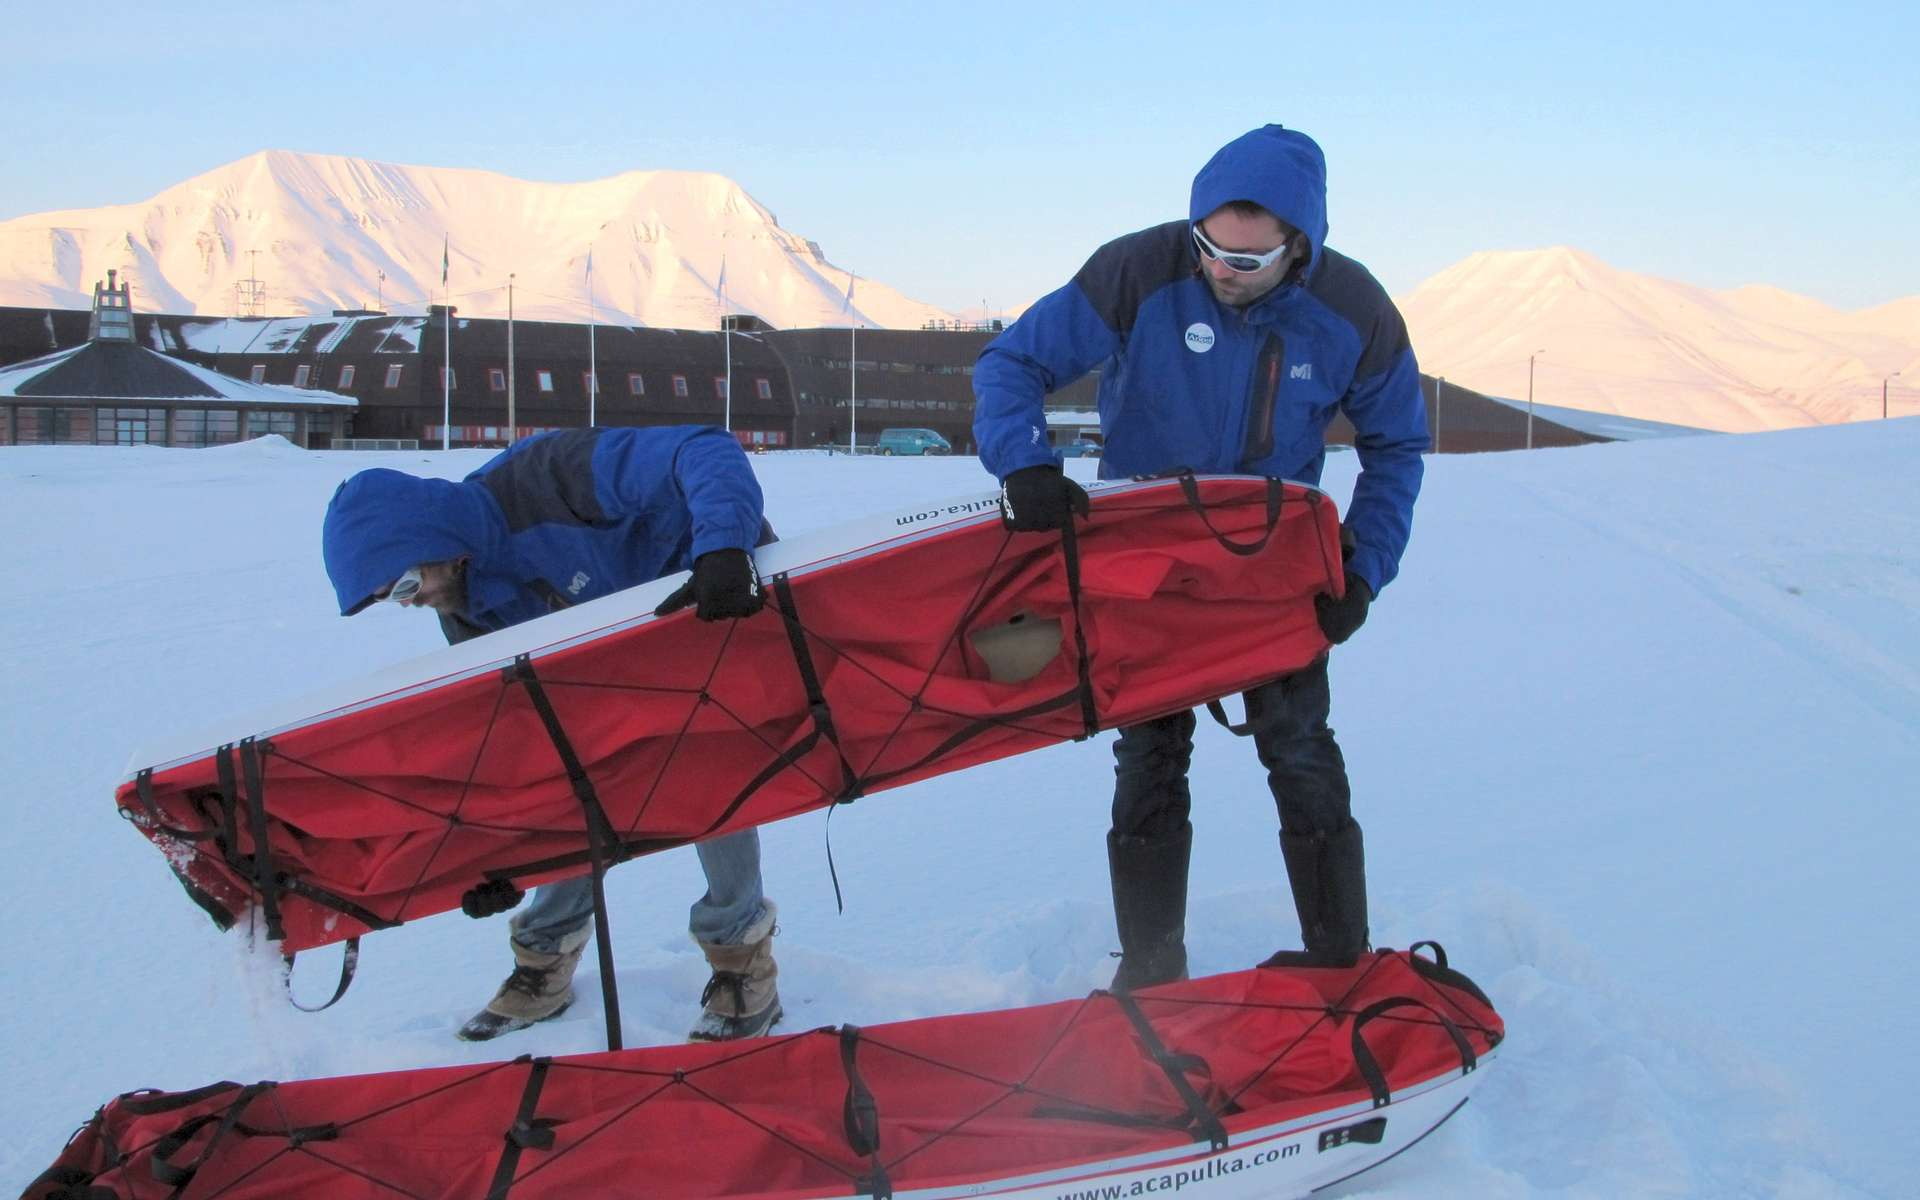 Le 26 mars 2012 : Alan Le Tressoler (à gauche) et Julien Cabon devant l'université de Longyearbyen, au Spitzberg. Ils viennent de recevoir leurs traîneaux de 2,20 mètres qui serviront à leur expédition au pôle Nord. Commentaire d'Alan Le Tressoler : « On prépare les traîneaux... Pour des luges ça paraît grand, mais pour un déménagement au pôle Nord, y'a rien de trop ! ». © Pôle Nord 2012